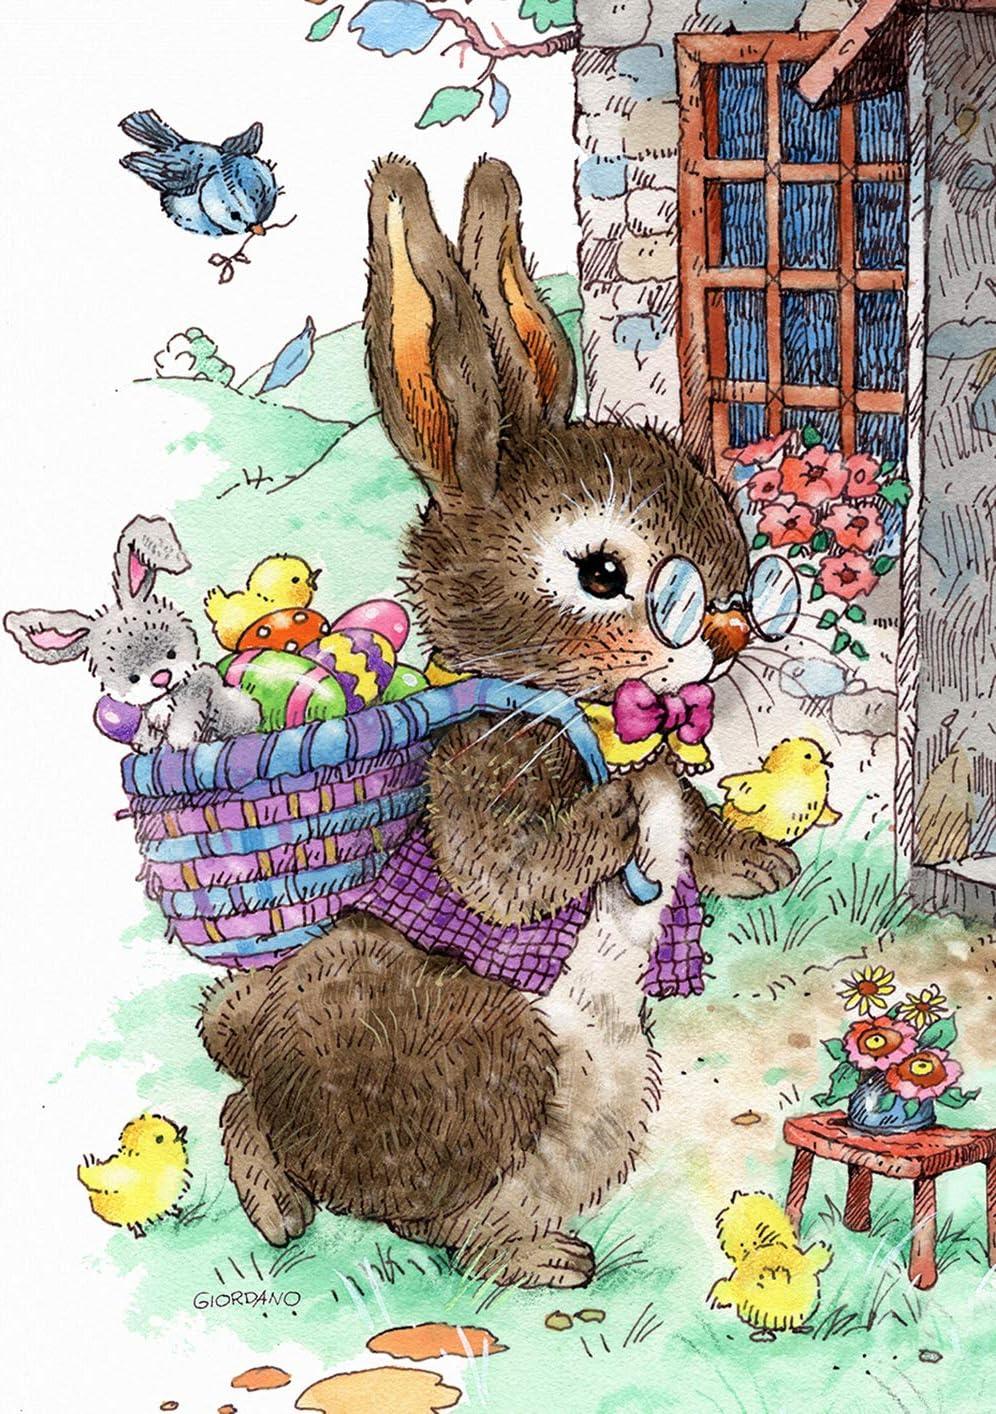 """Toland Home Garden 1112287 Vintage Easter Bunny 12.5 x 18 Inch Decorative, Garden Flag (12.5"""" x 18"""")"""